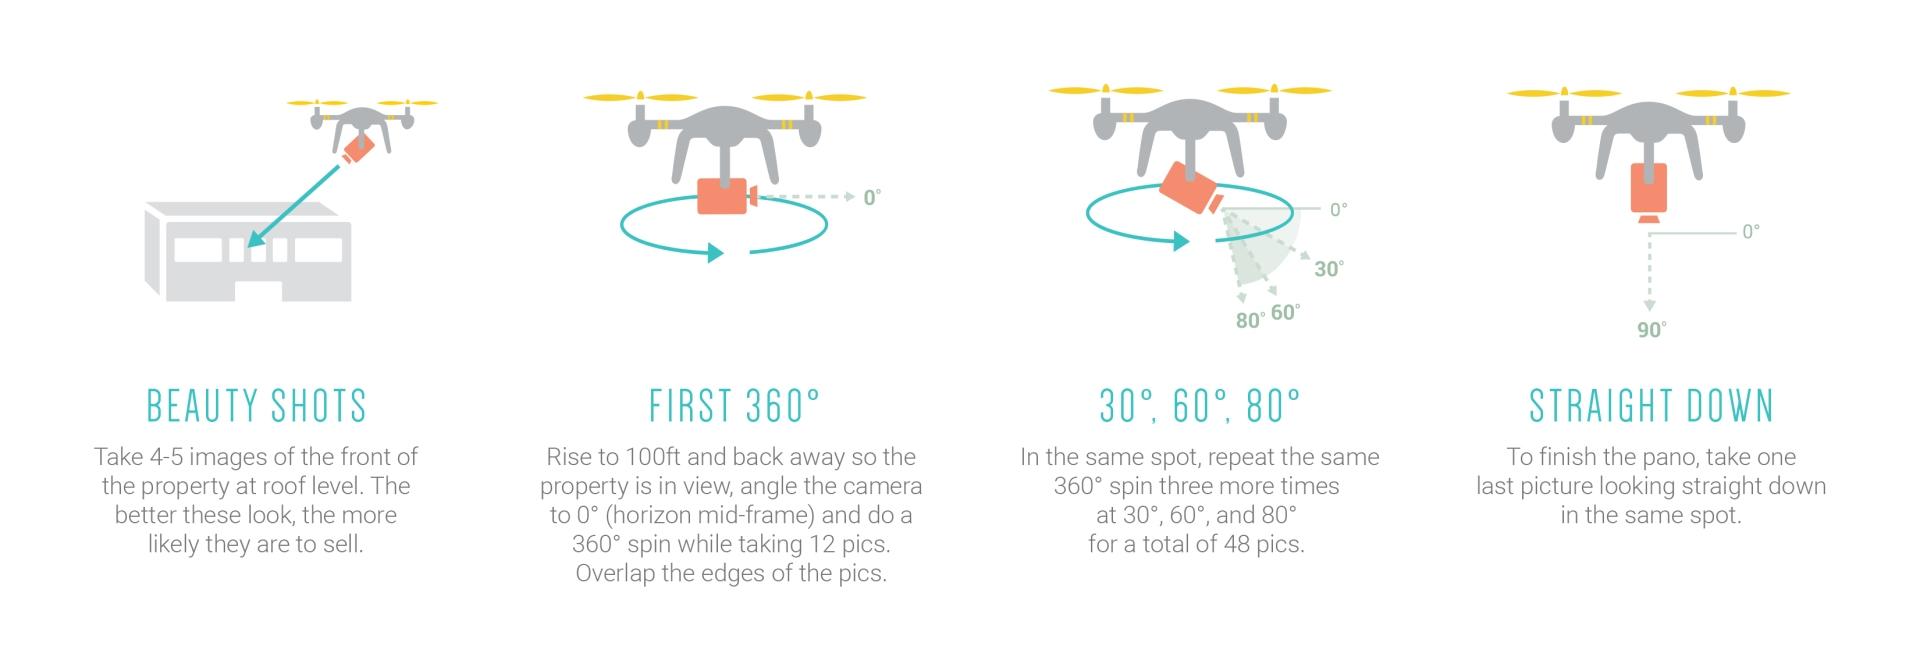 DroneBase Pano visual guide